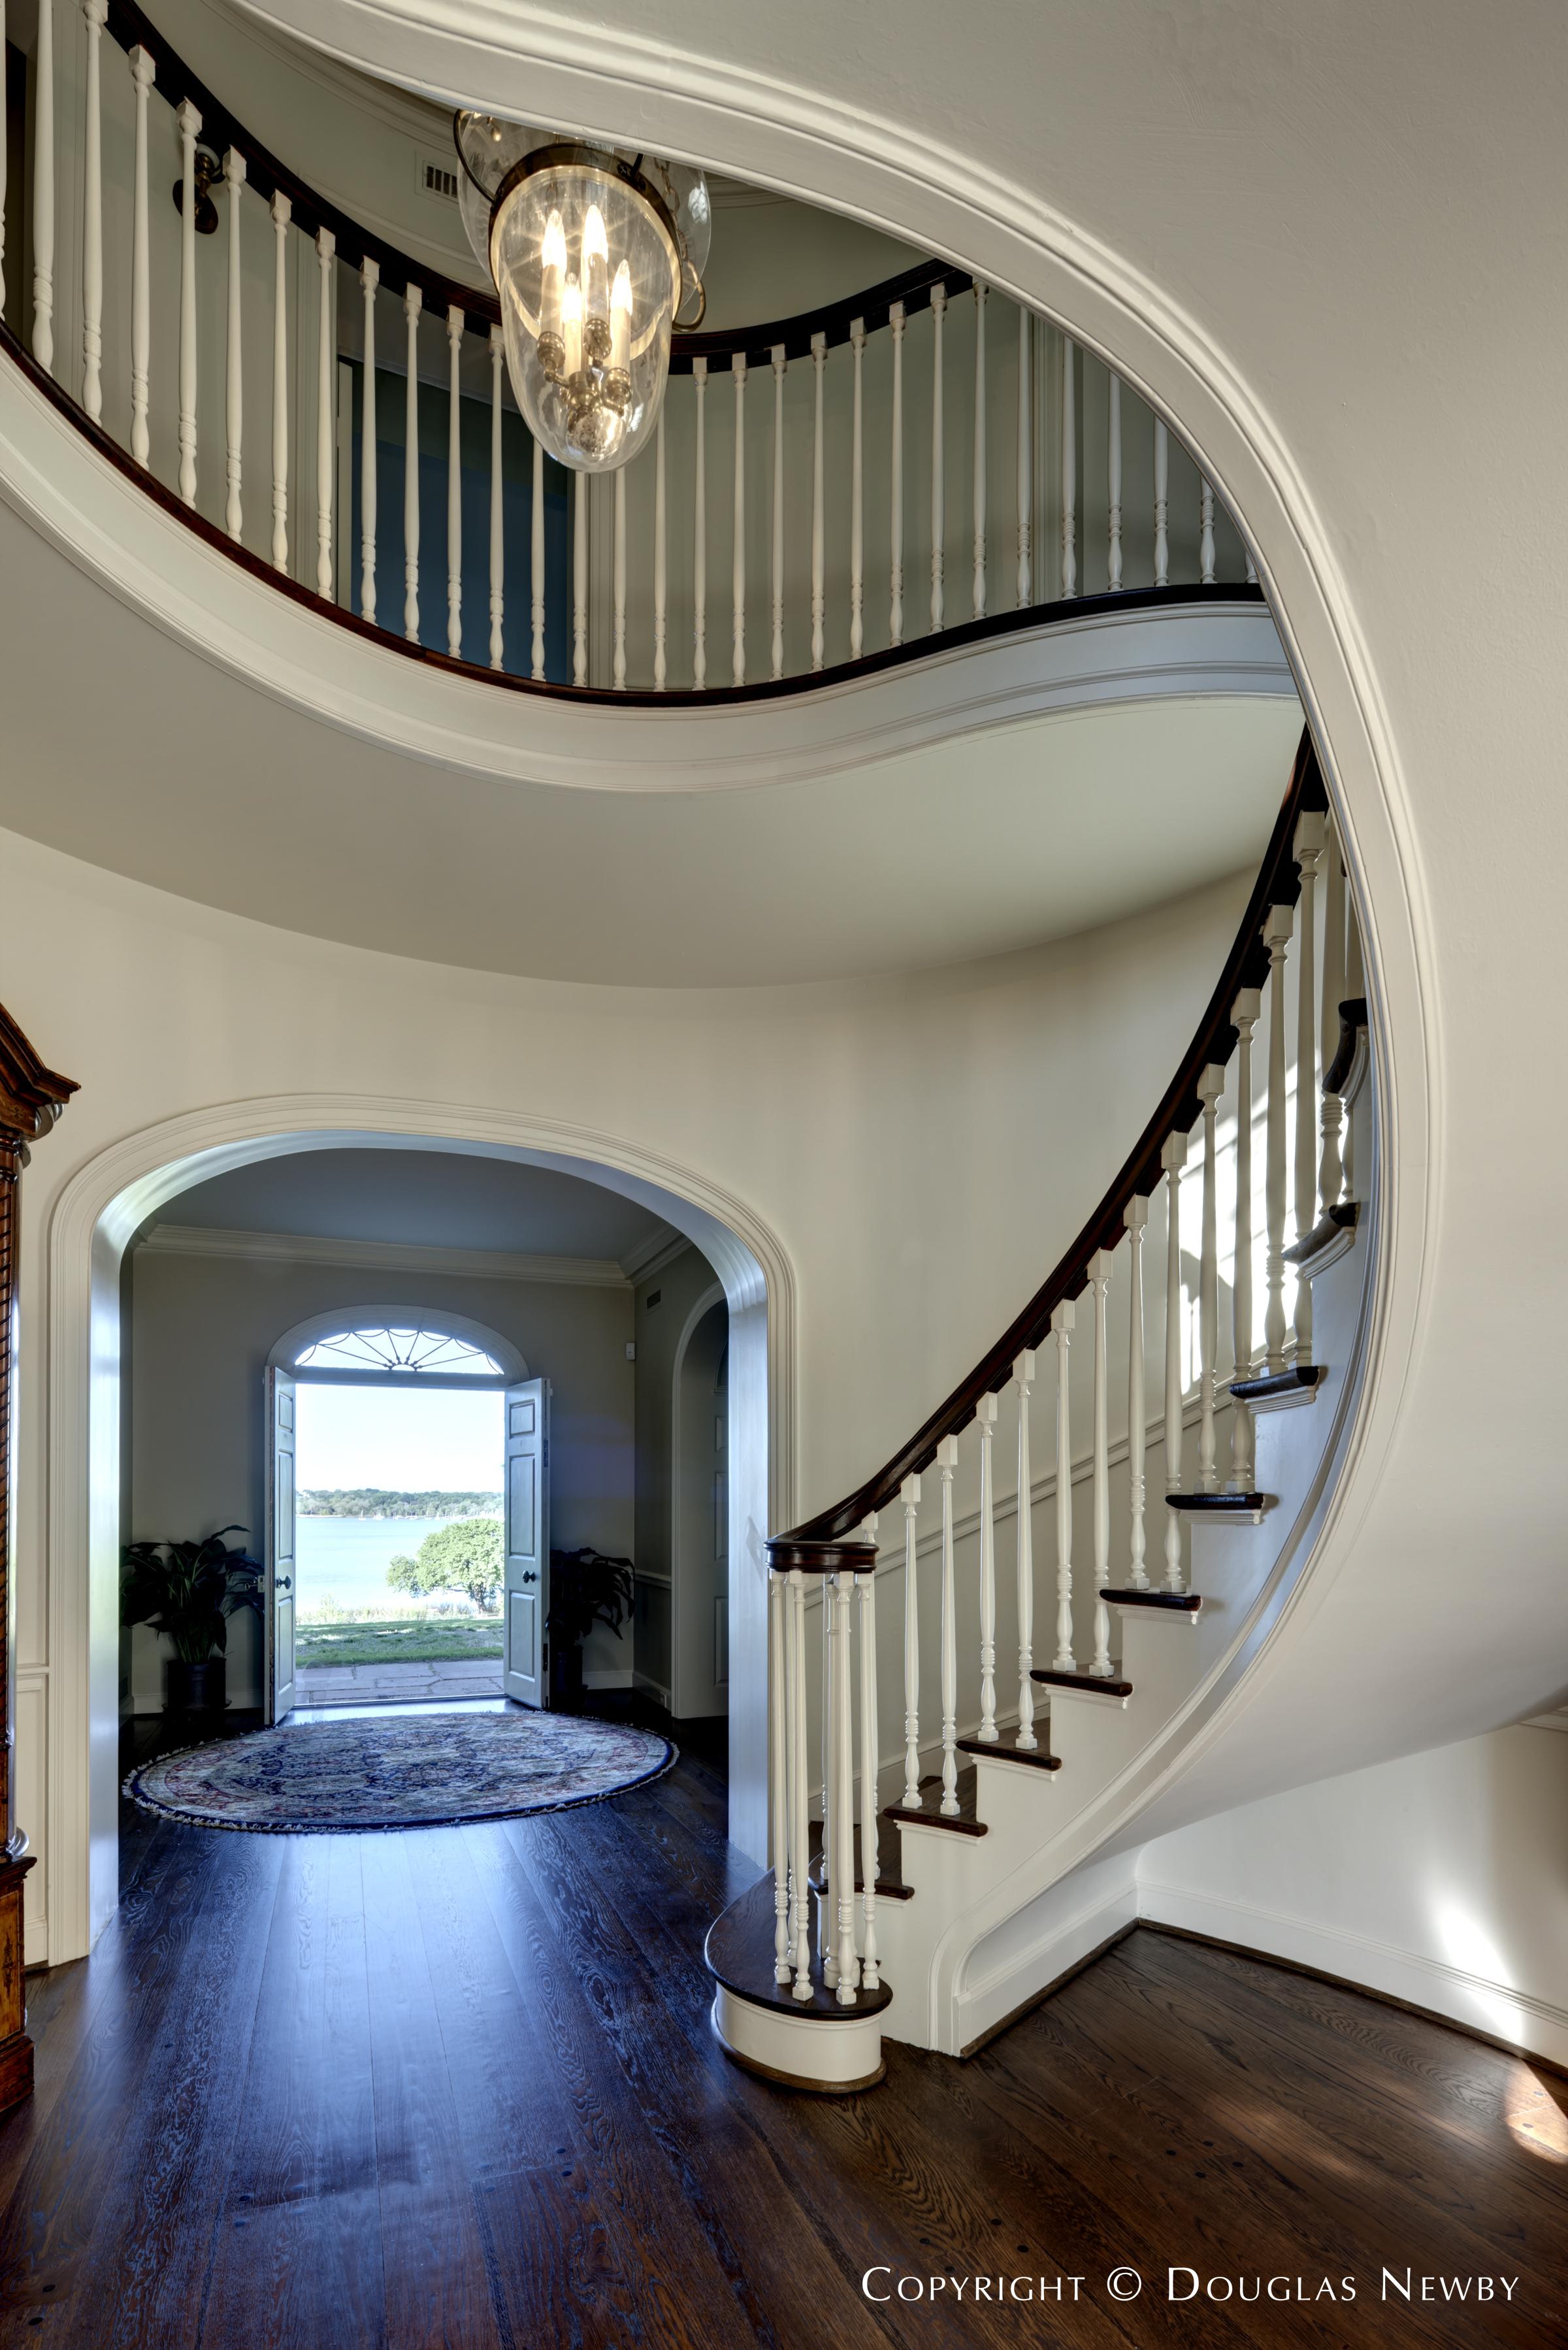 White Rock Lake Real Estate on 3.01 Acres